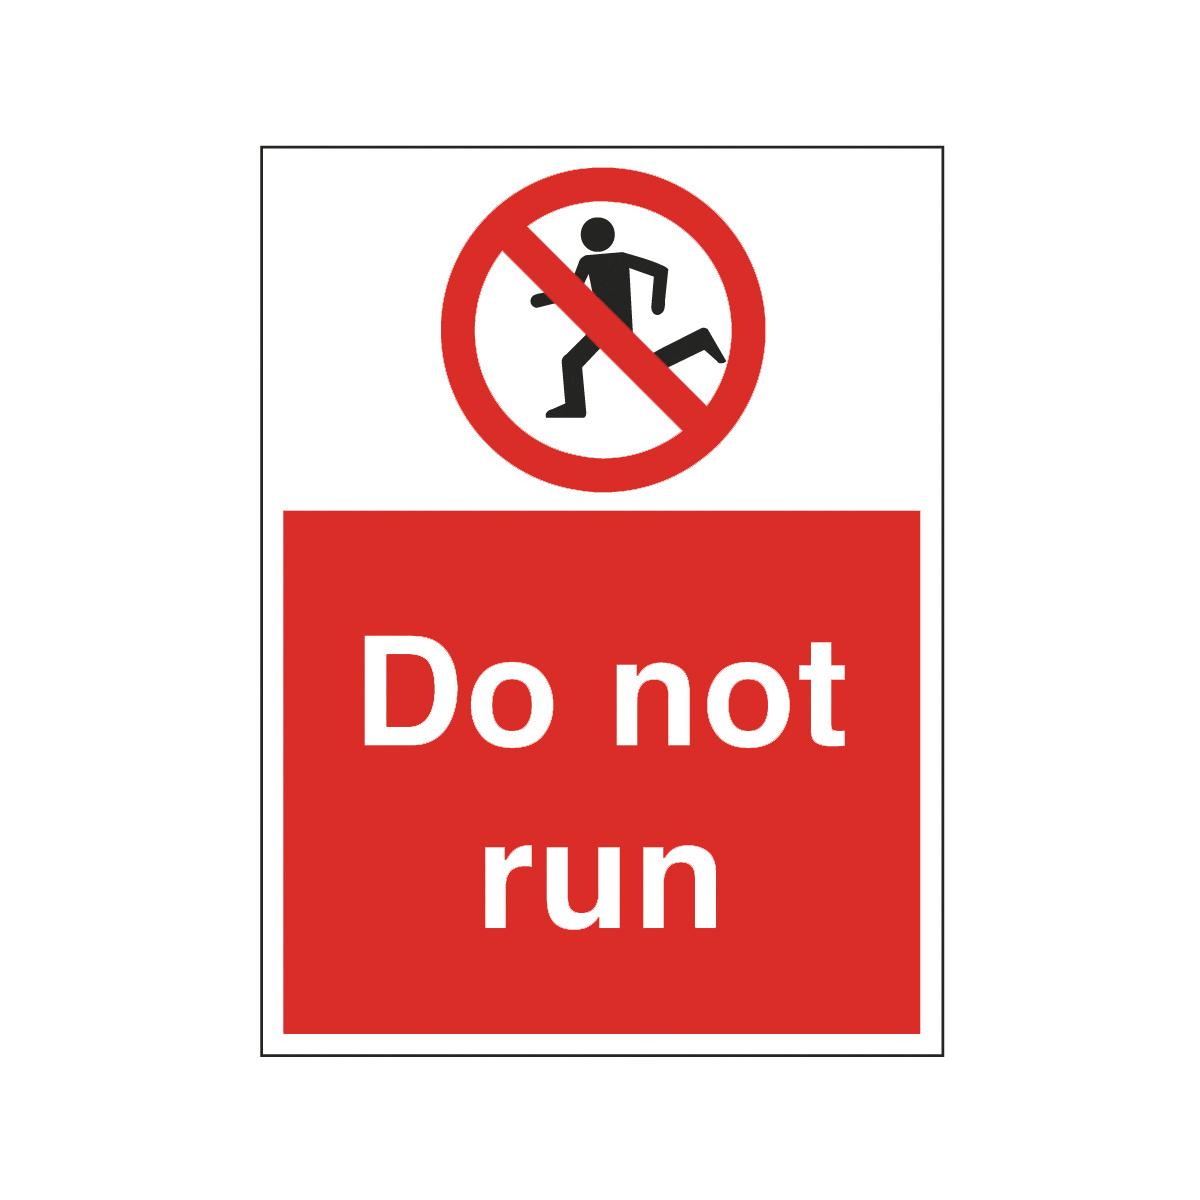 Workshop Safety Signs